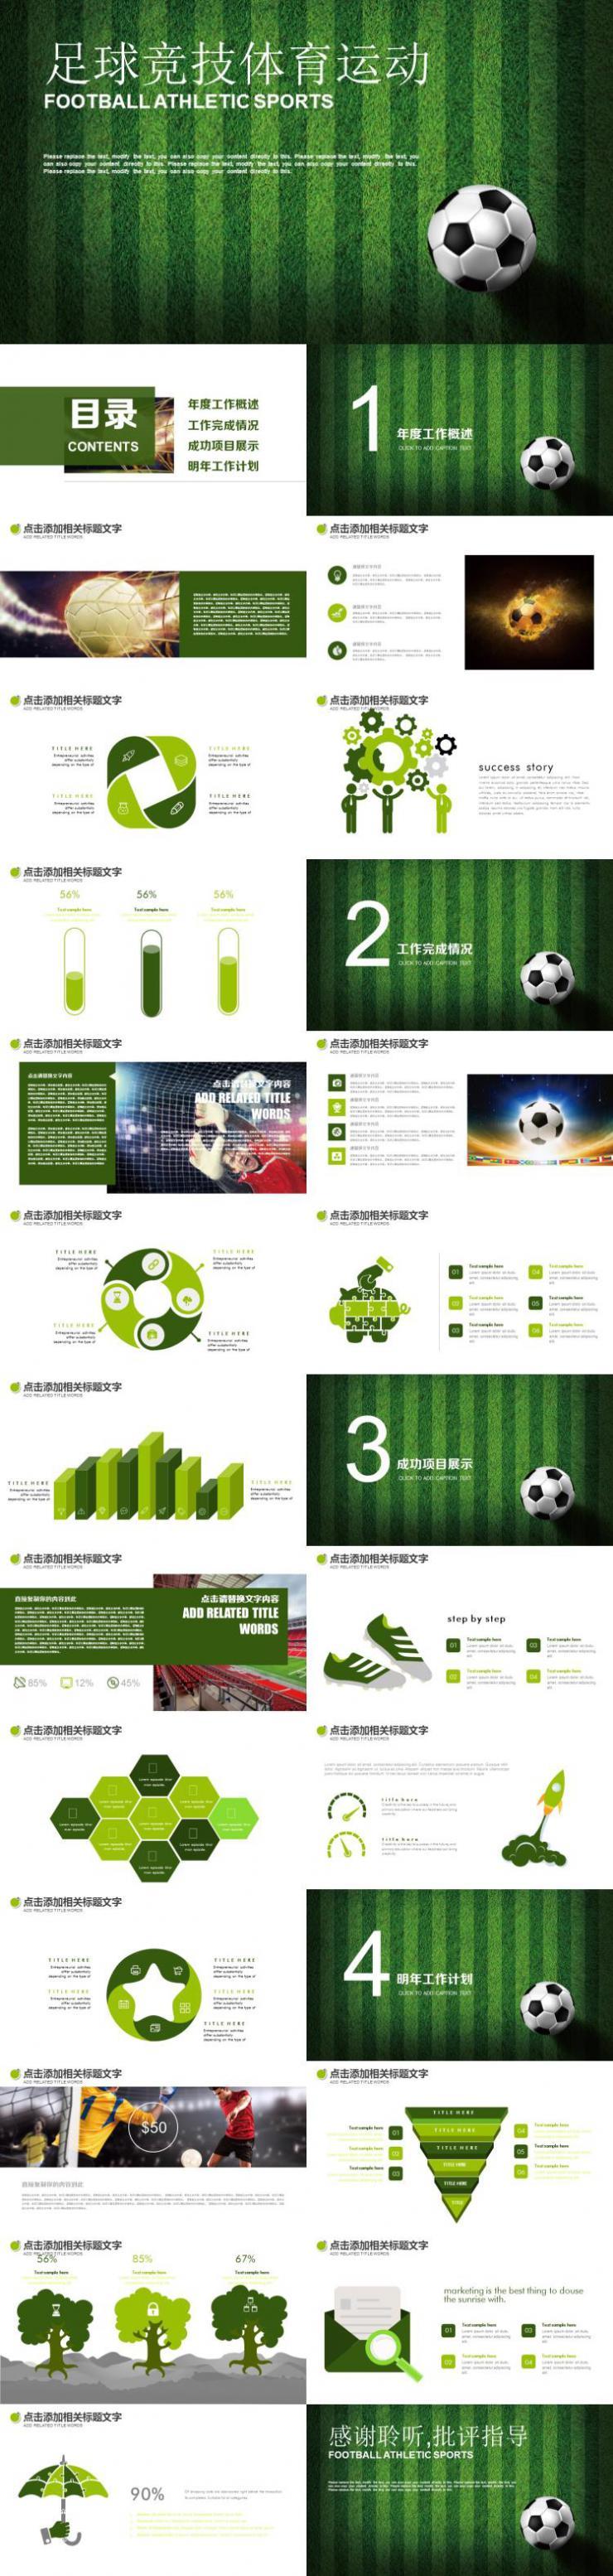 足球竞技体育运动PPT模板下载